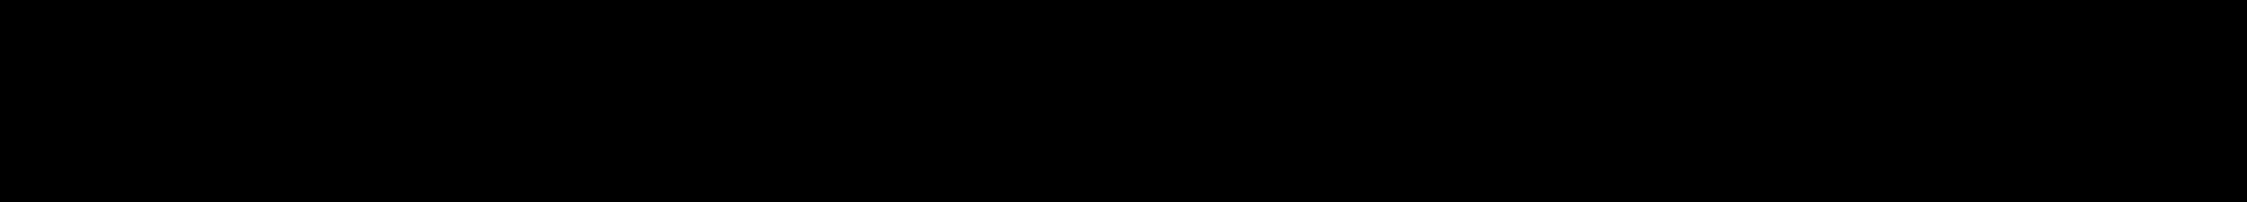 итоге элементарные конструкции языка паскаль включают в себя палочек картину: